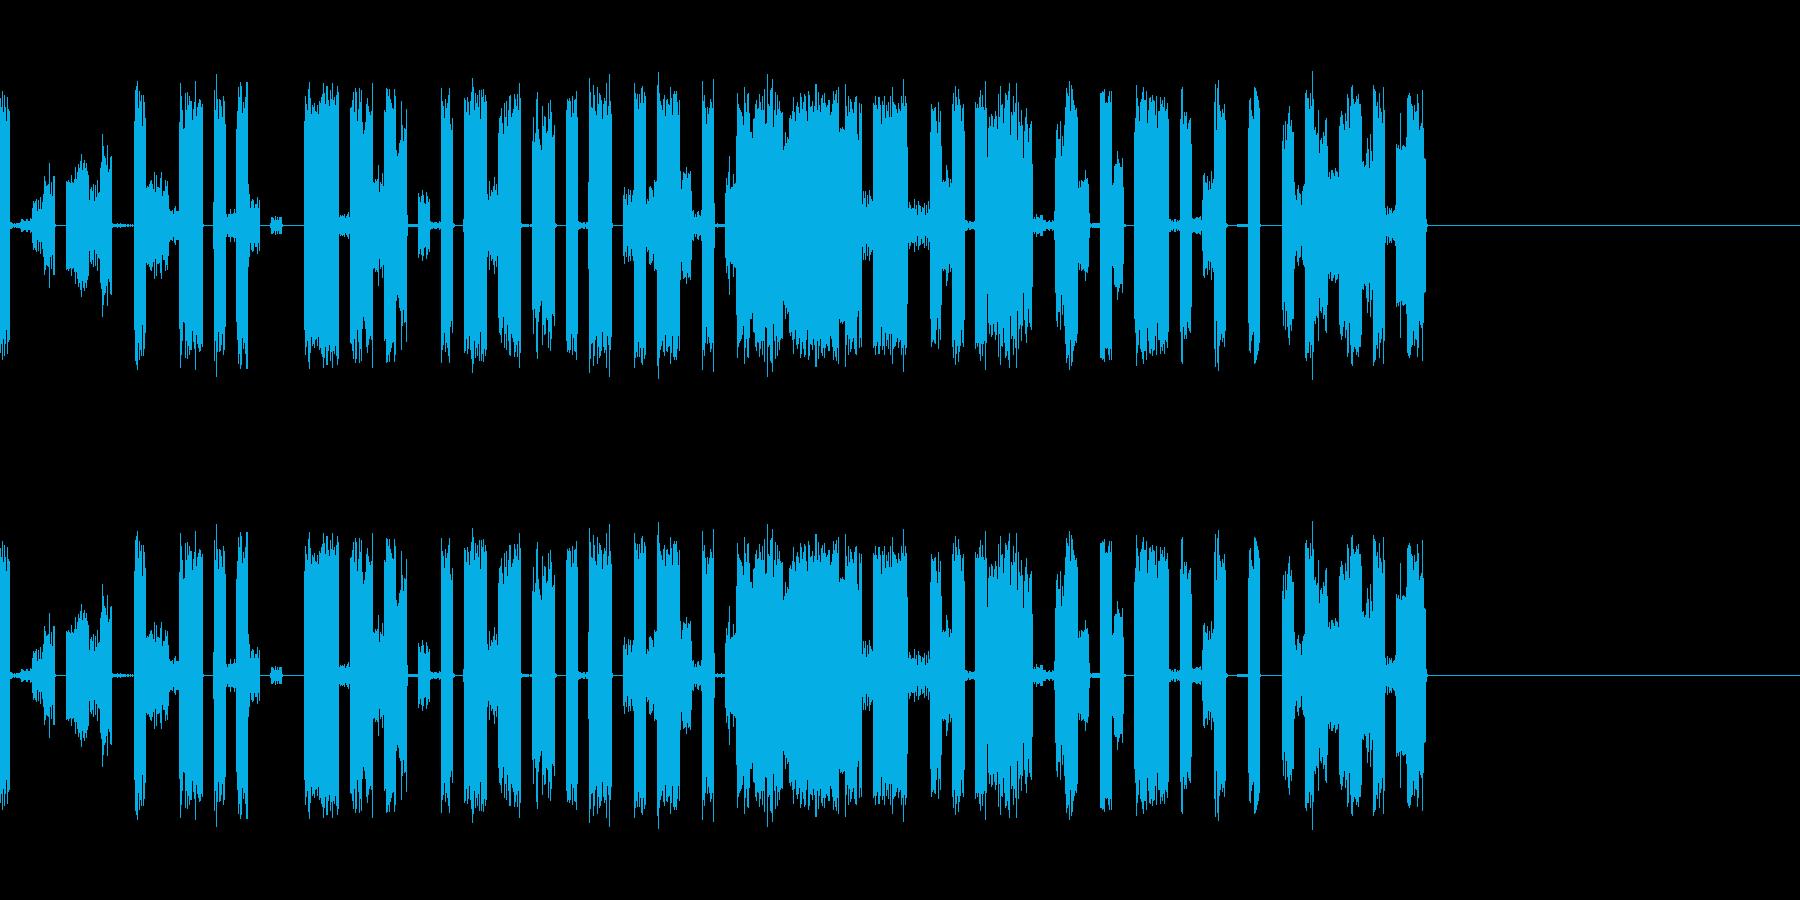 壊れたラジオやテレビなどにの再生済みの波形